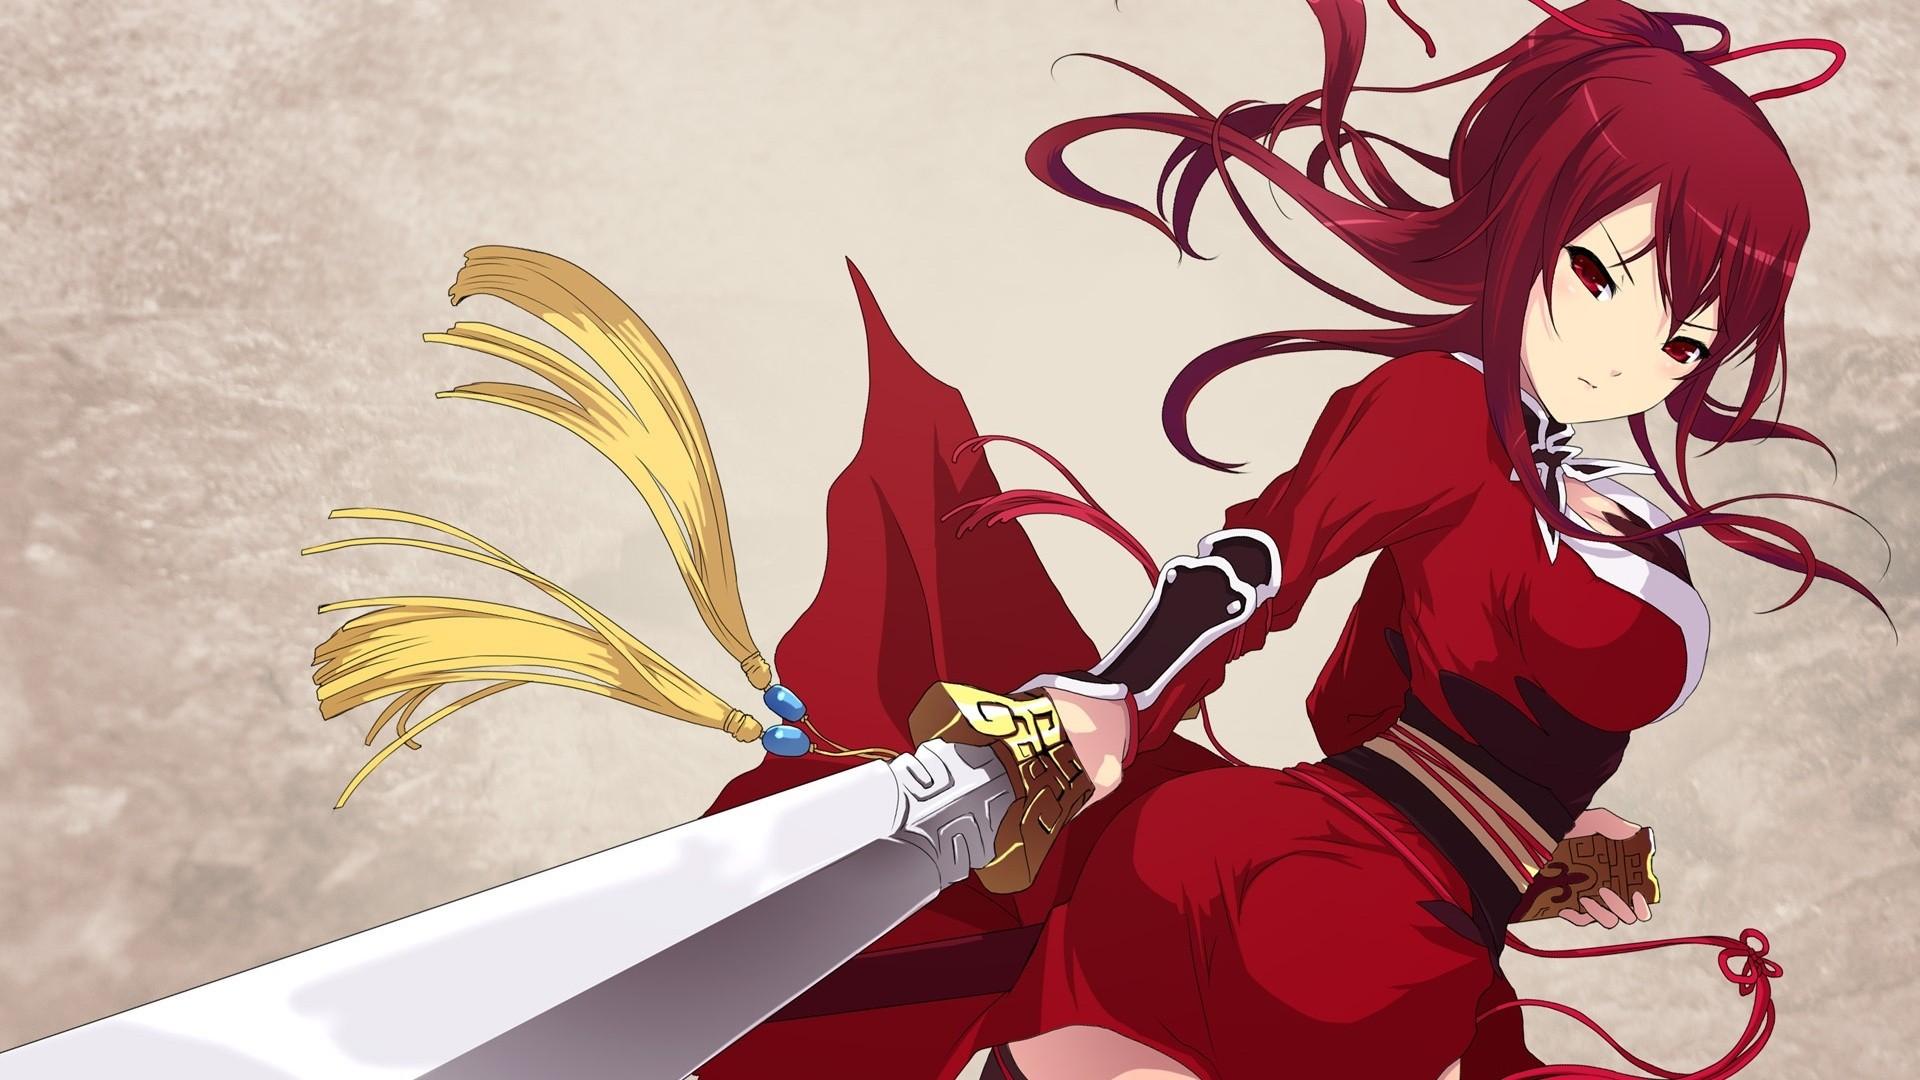 Red Hair Anime Girl HD Wallpaper